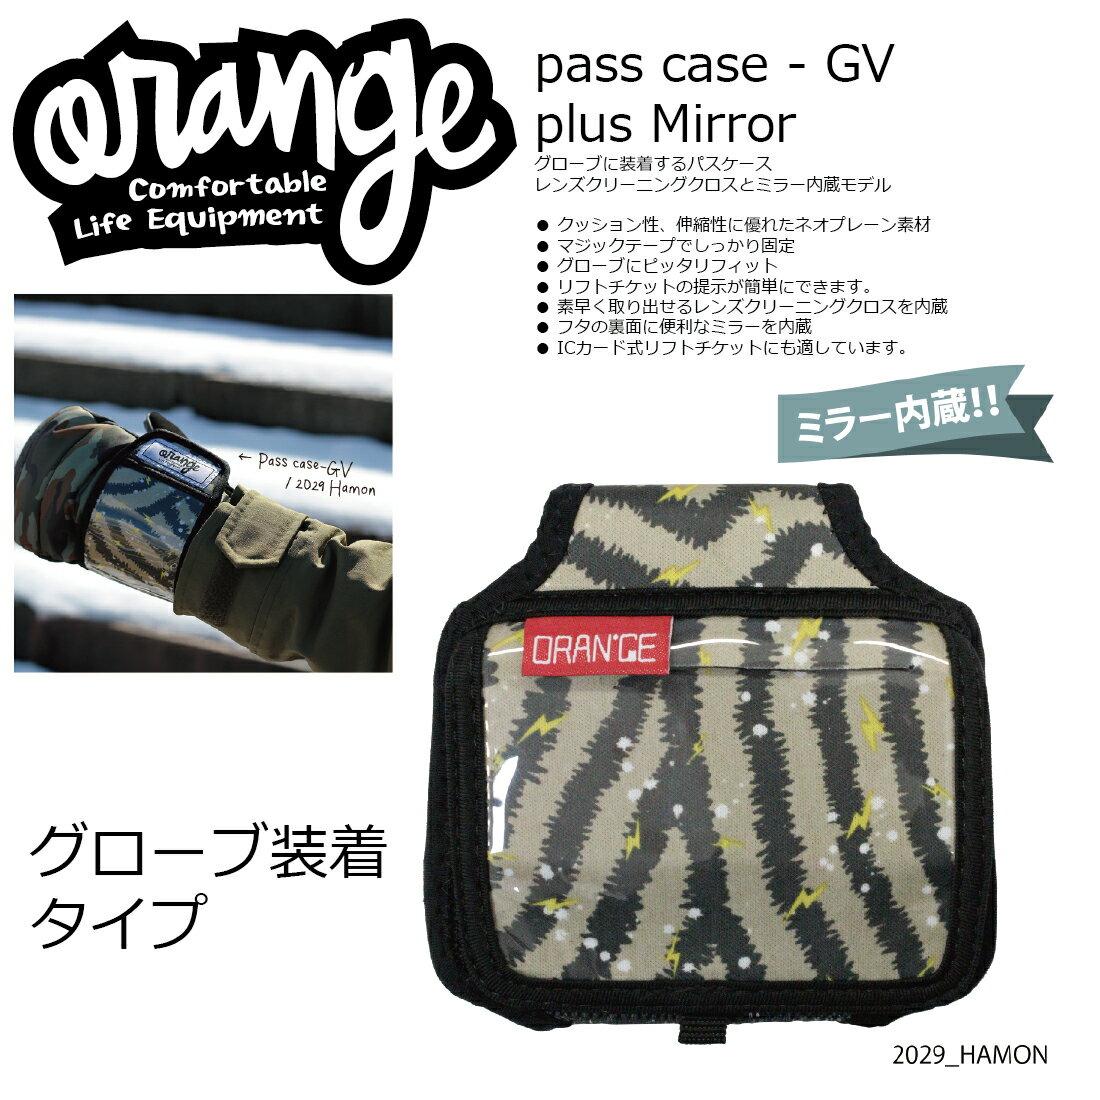 Oran'ge Pass-Case GV PLUS 2029 HAMON オレンジ パスケース ジーワイ プラス グローブ装着タイプ ヨコ 2017 2017-18